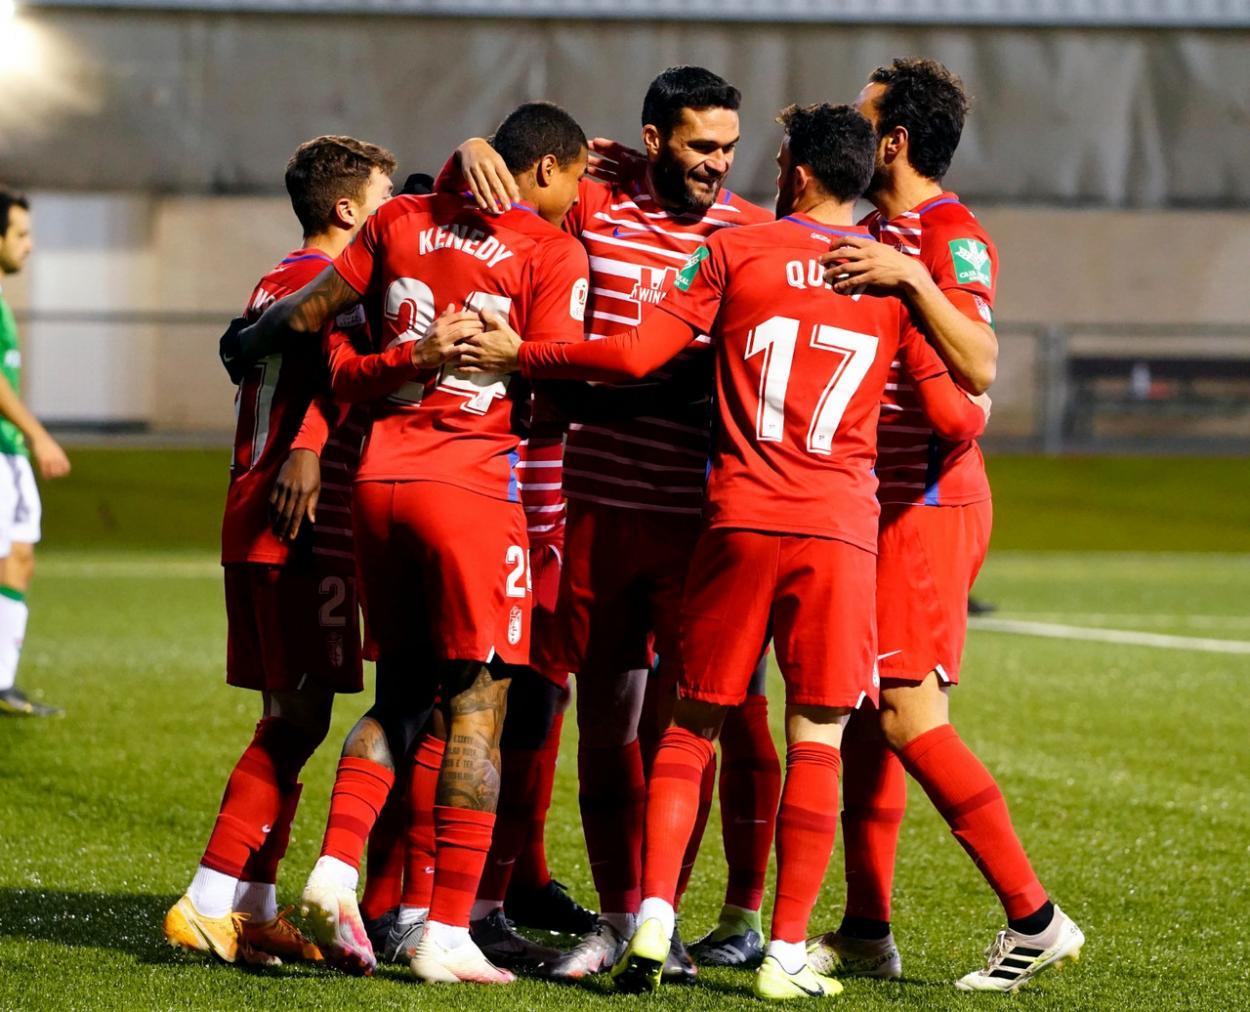 Los jugadores celebran el primer gol ante el San Juan. Foto: Pepe Villoslada/GCF